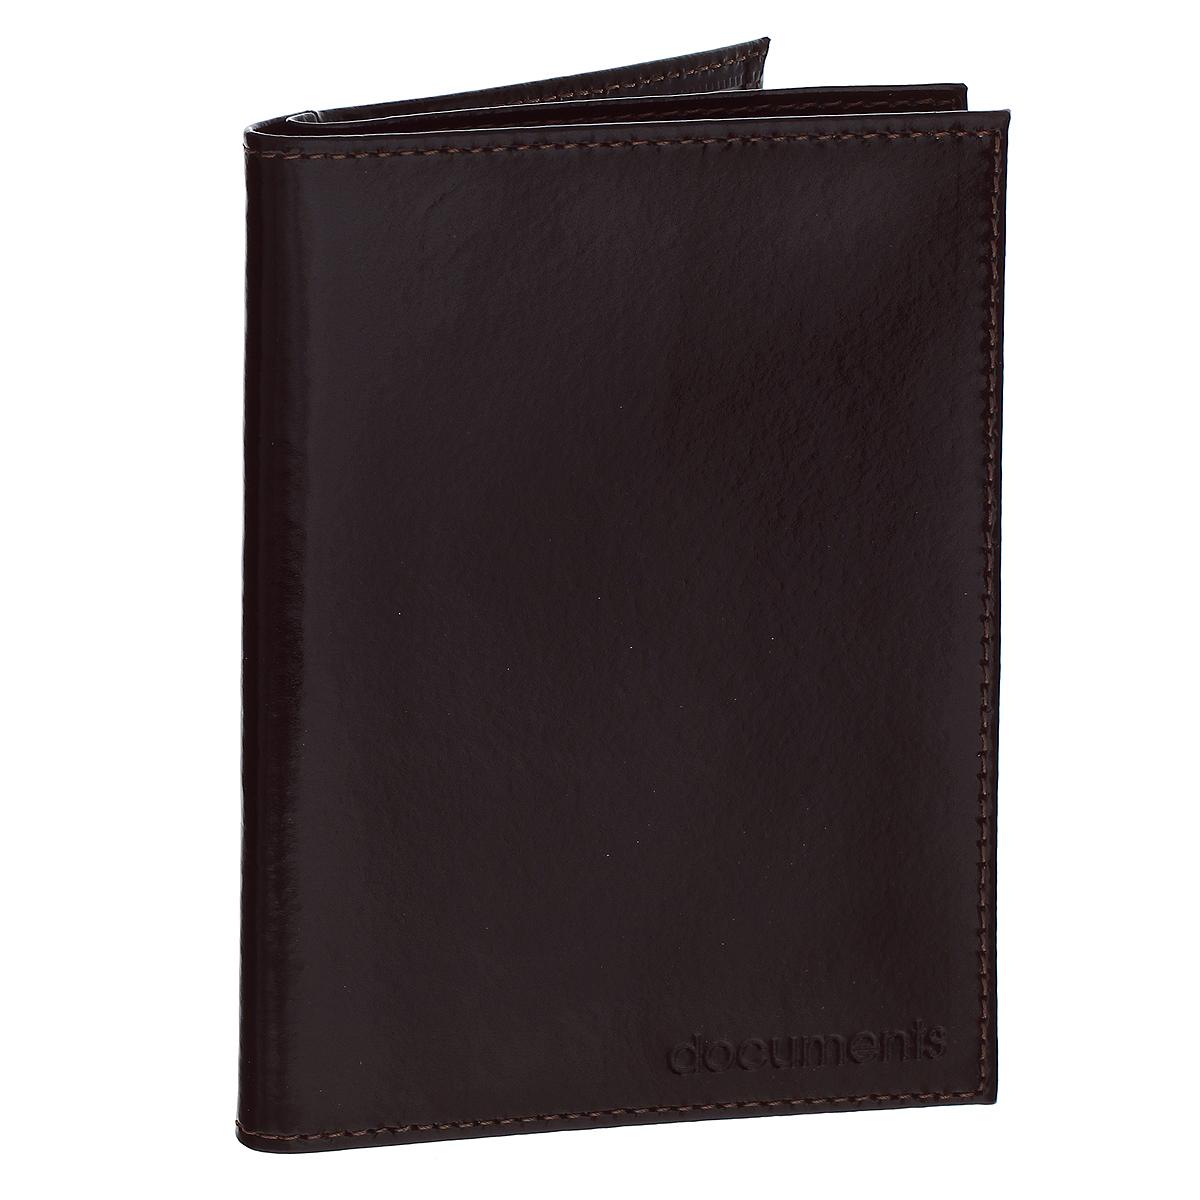 Бумажник водителя Befler Classic, цвет: темно-коричневый. BV.22.-1CA-3505Бумажник водителя Befler Classic выполнен из натуральной гладкой кожи. На внутреннем развороте отделение для паспорта, карман из прозрачного пластика с выемкой, карман из технологичного материала. Внутренний блок из прозрачного пластика для документов водителя (6 карманов).Такой бумажник станет отличным подарком для человека, ценящего качественные и необычные вещи.